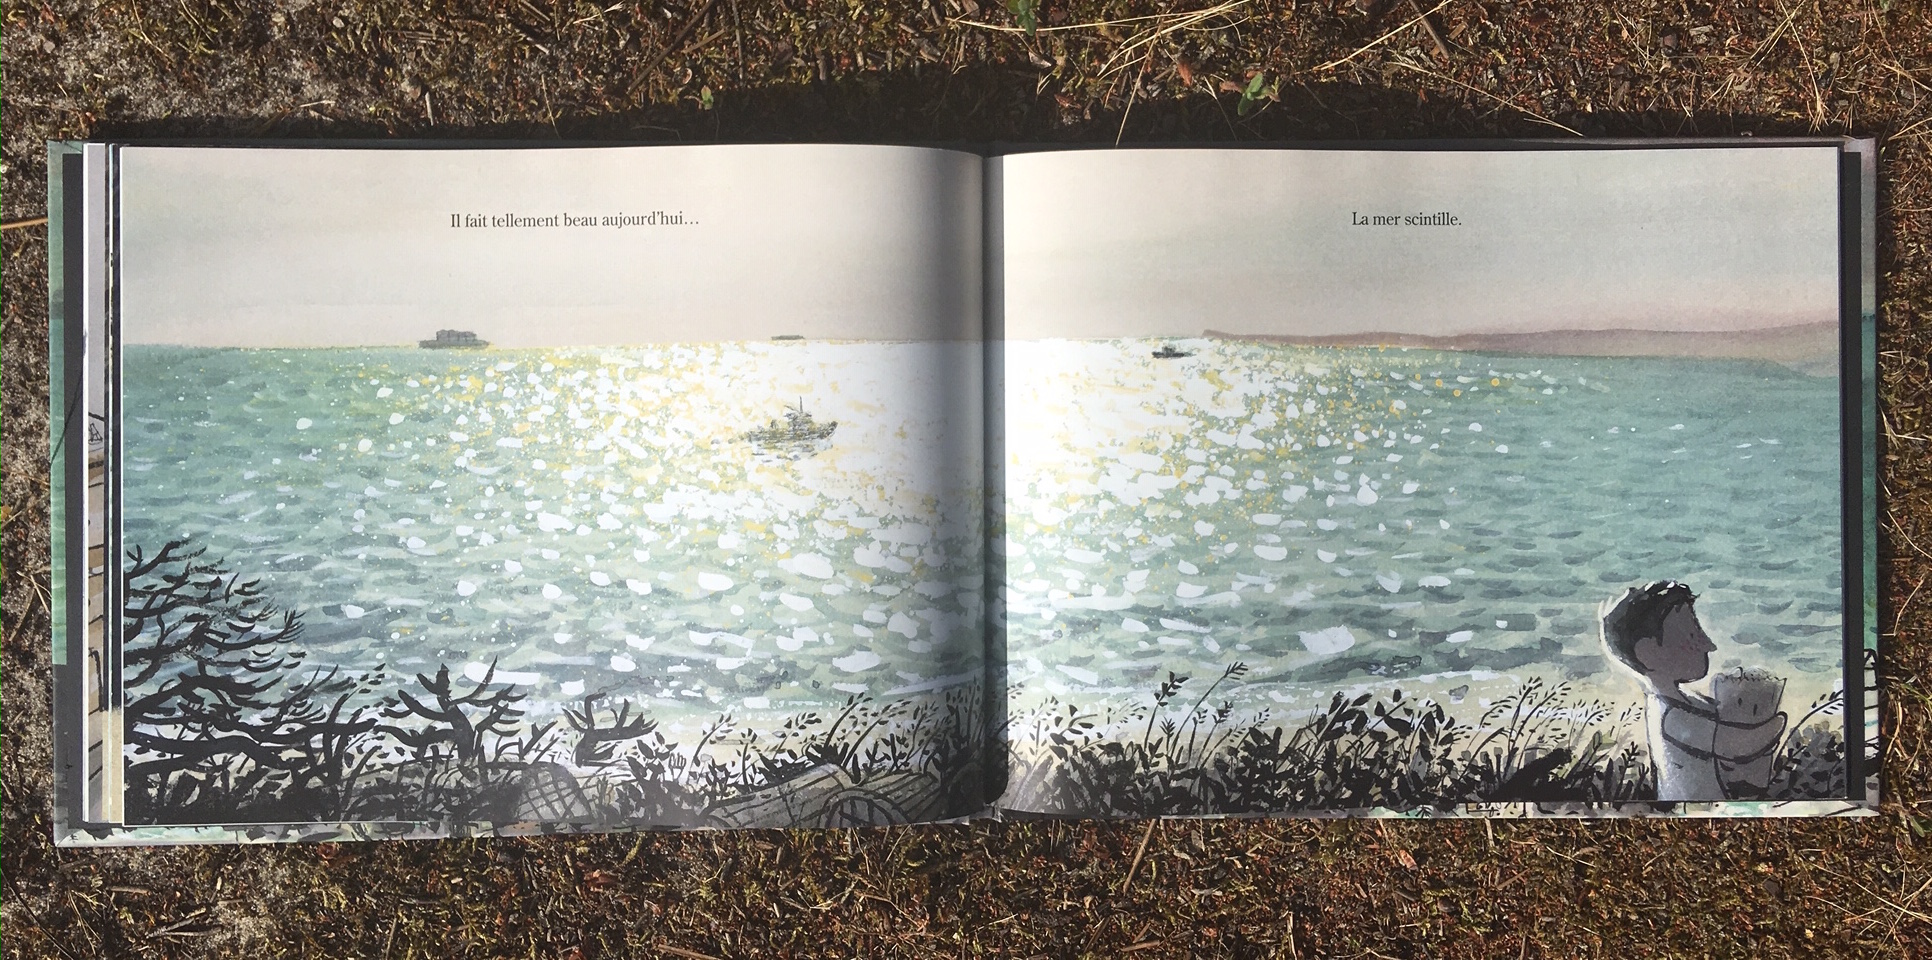 d'ici, je vois la mer_extrait mer.jpg